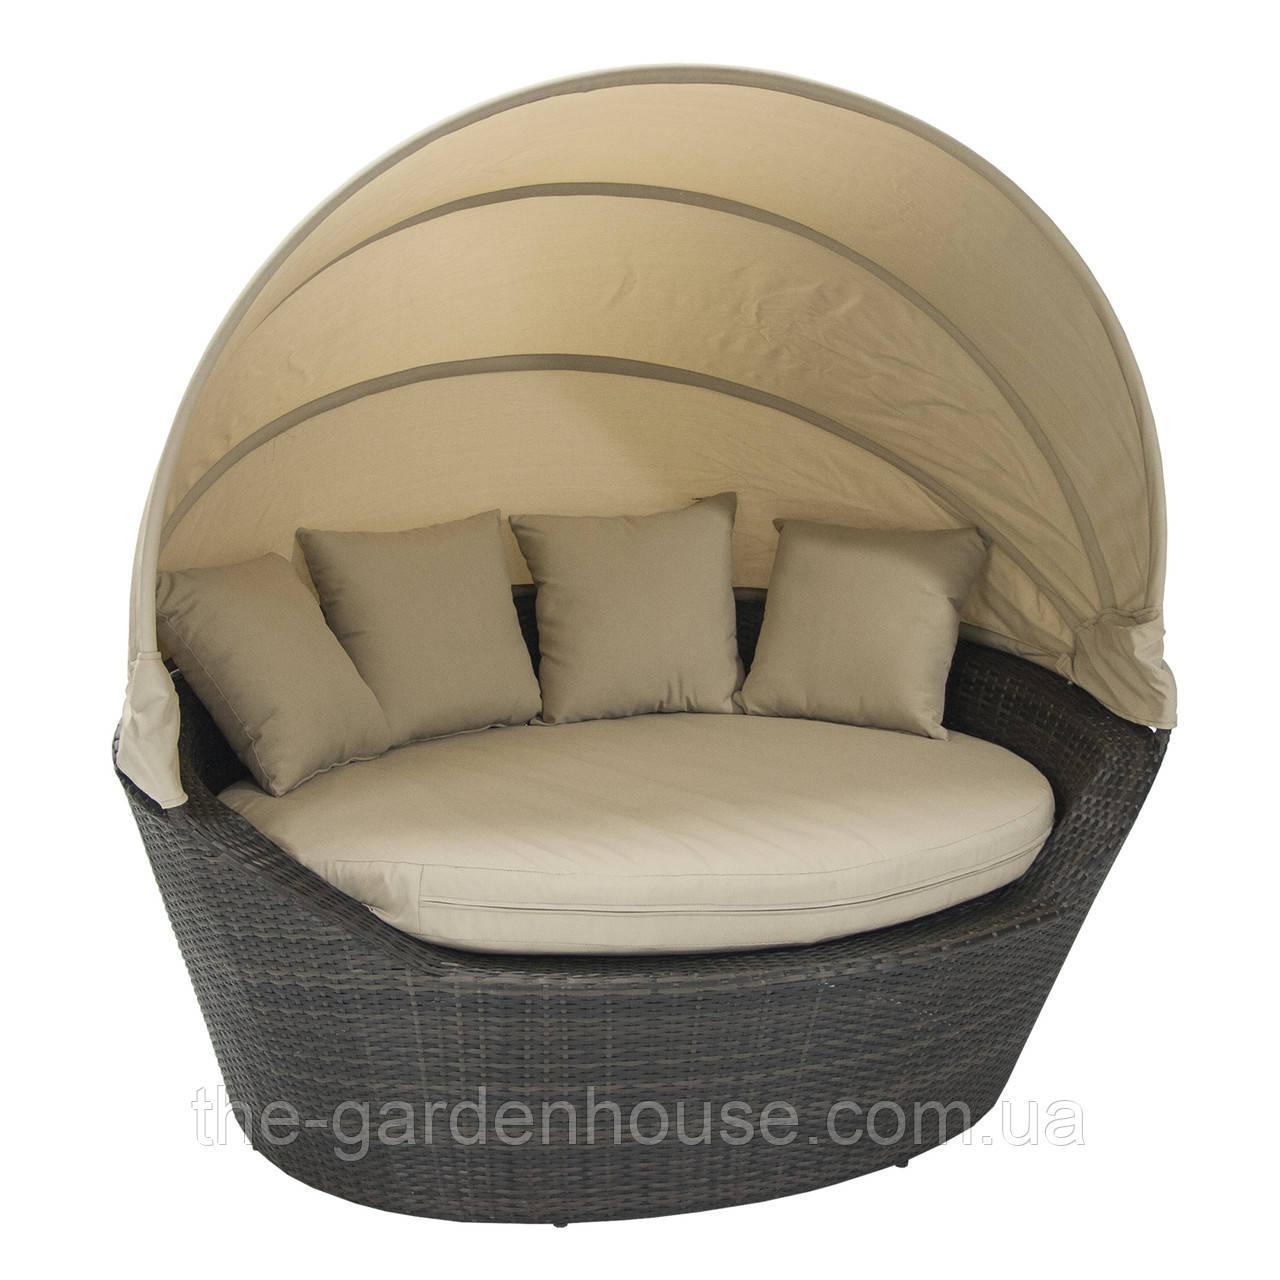 Садовый диван Mini Muse из искусственного ротанга с навесом темно-коричневый